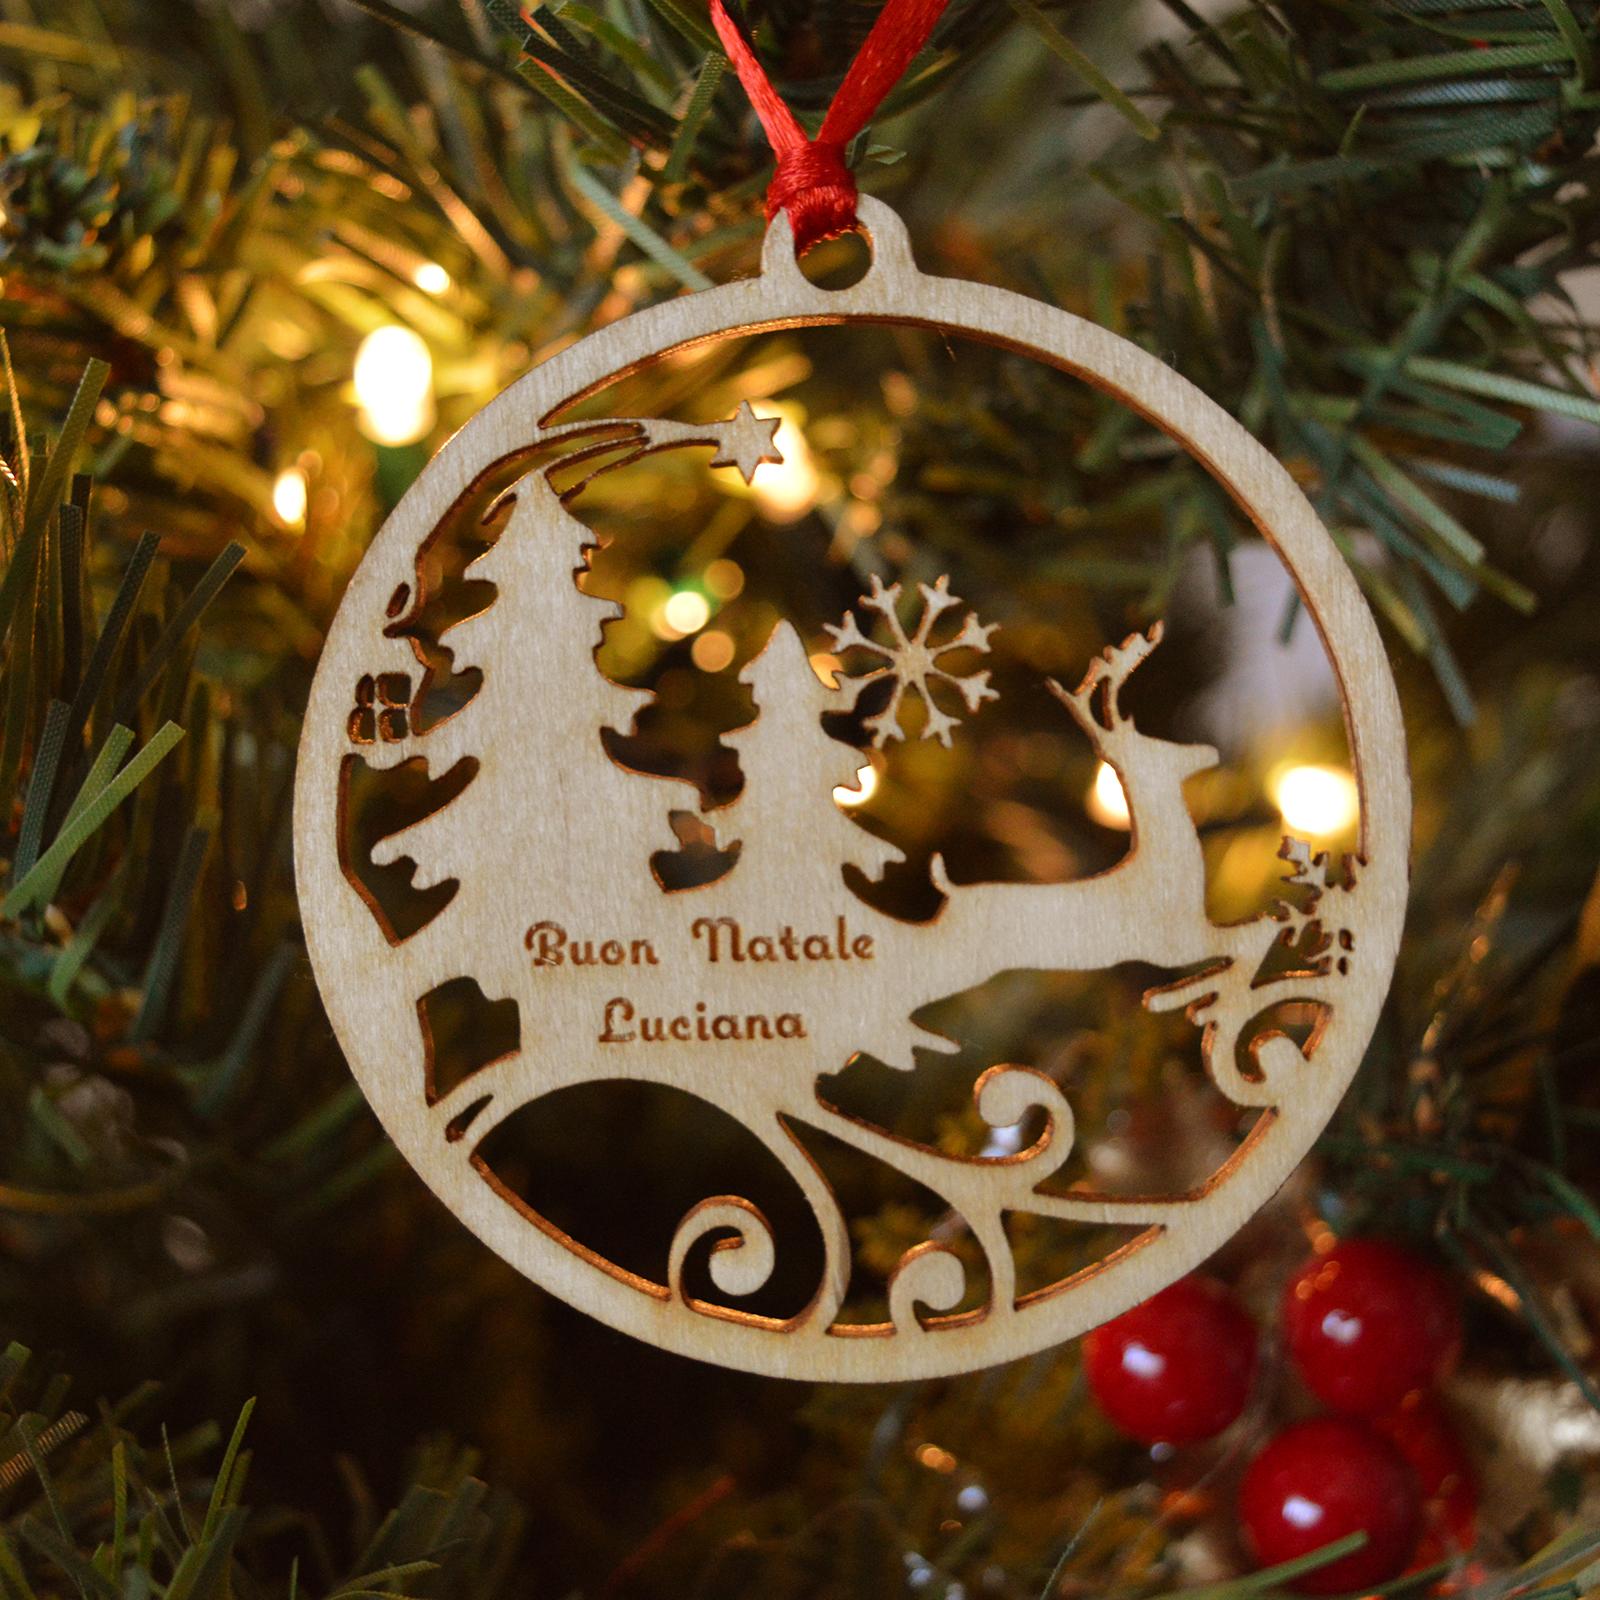 Addobbi Natalizi Legno.Decorazione Per Albero Di Natale In Legno Renna Intagliata Queekee